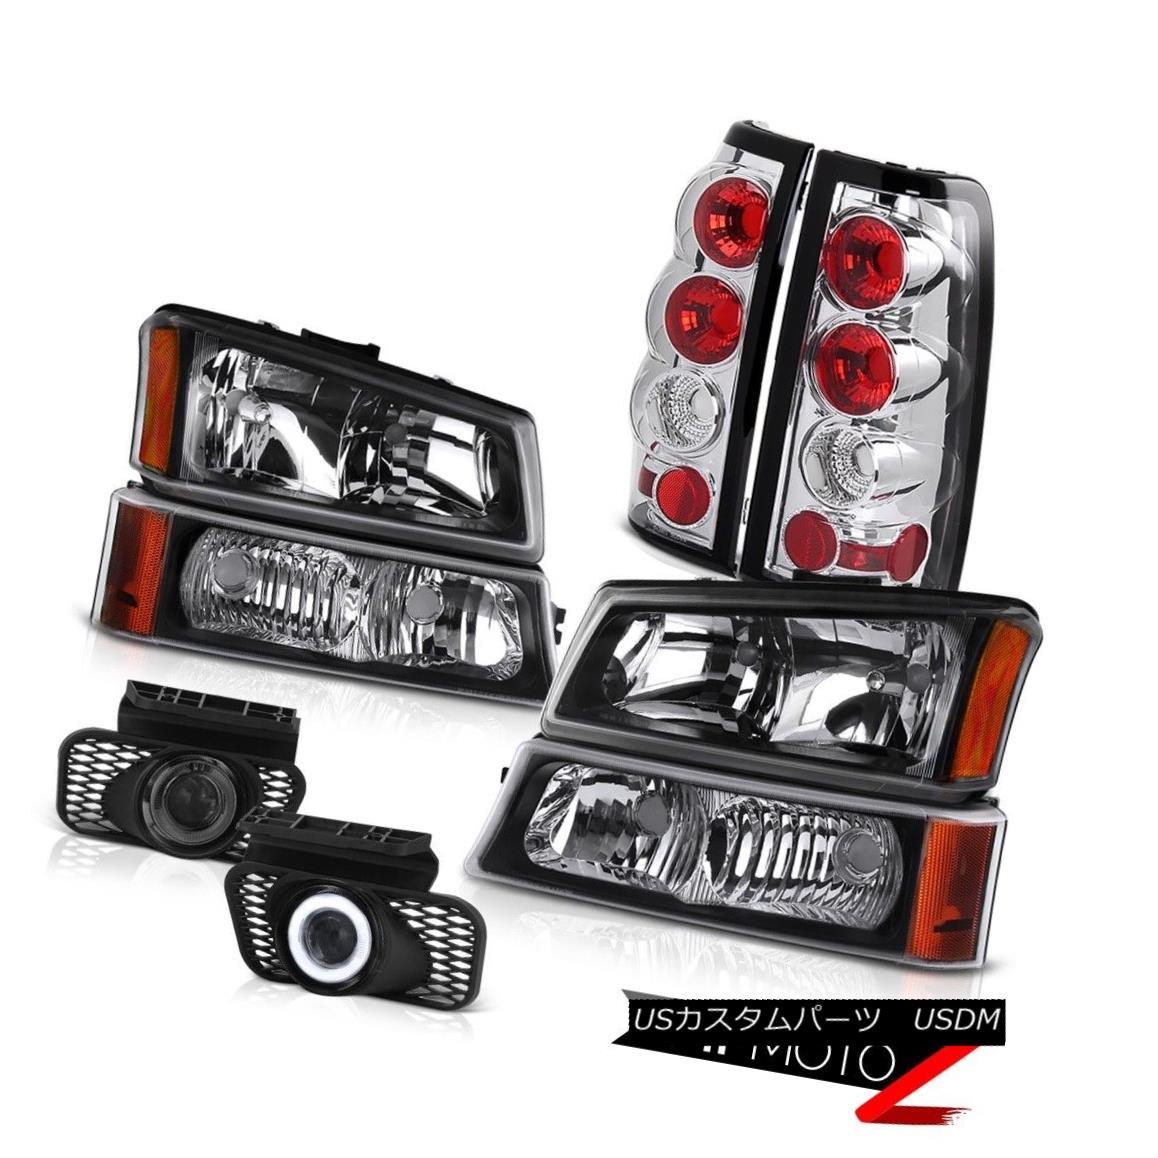 ヘッドライト Black Headlamp Turn Signal Taillamps Wiring Foglight 2003-2006 Silverado 4.3L V6 ブラックヘッドランプターンシグナルトライアック配線Foglight 2003-2006 Silverado 4.3L V6